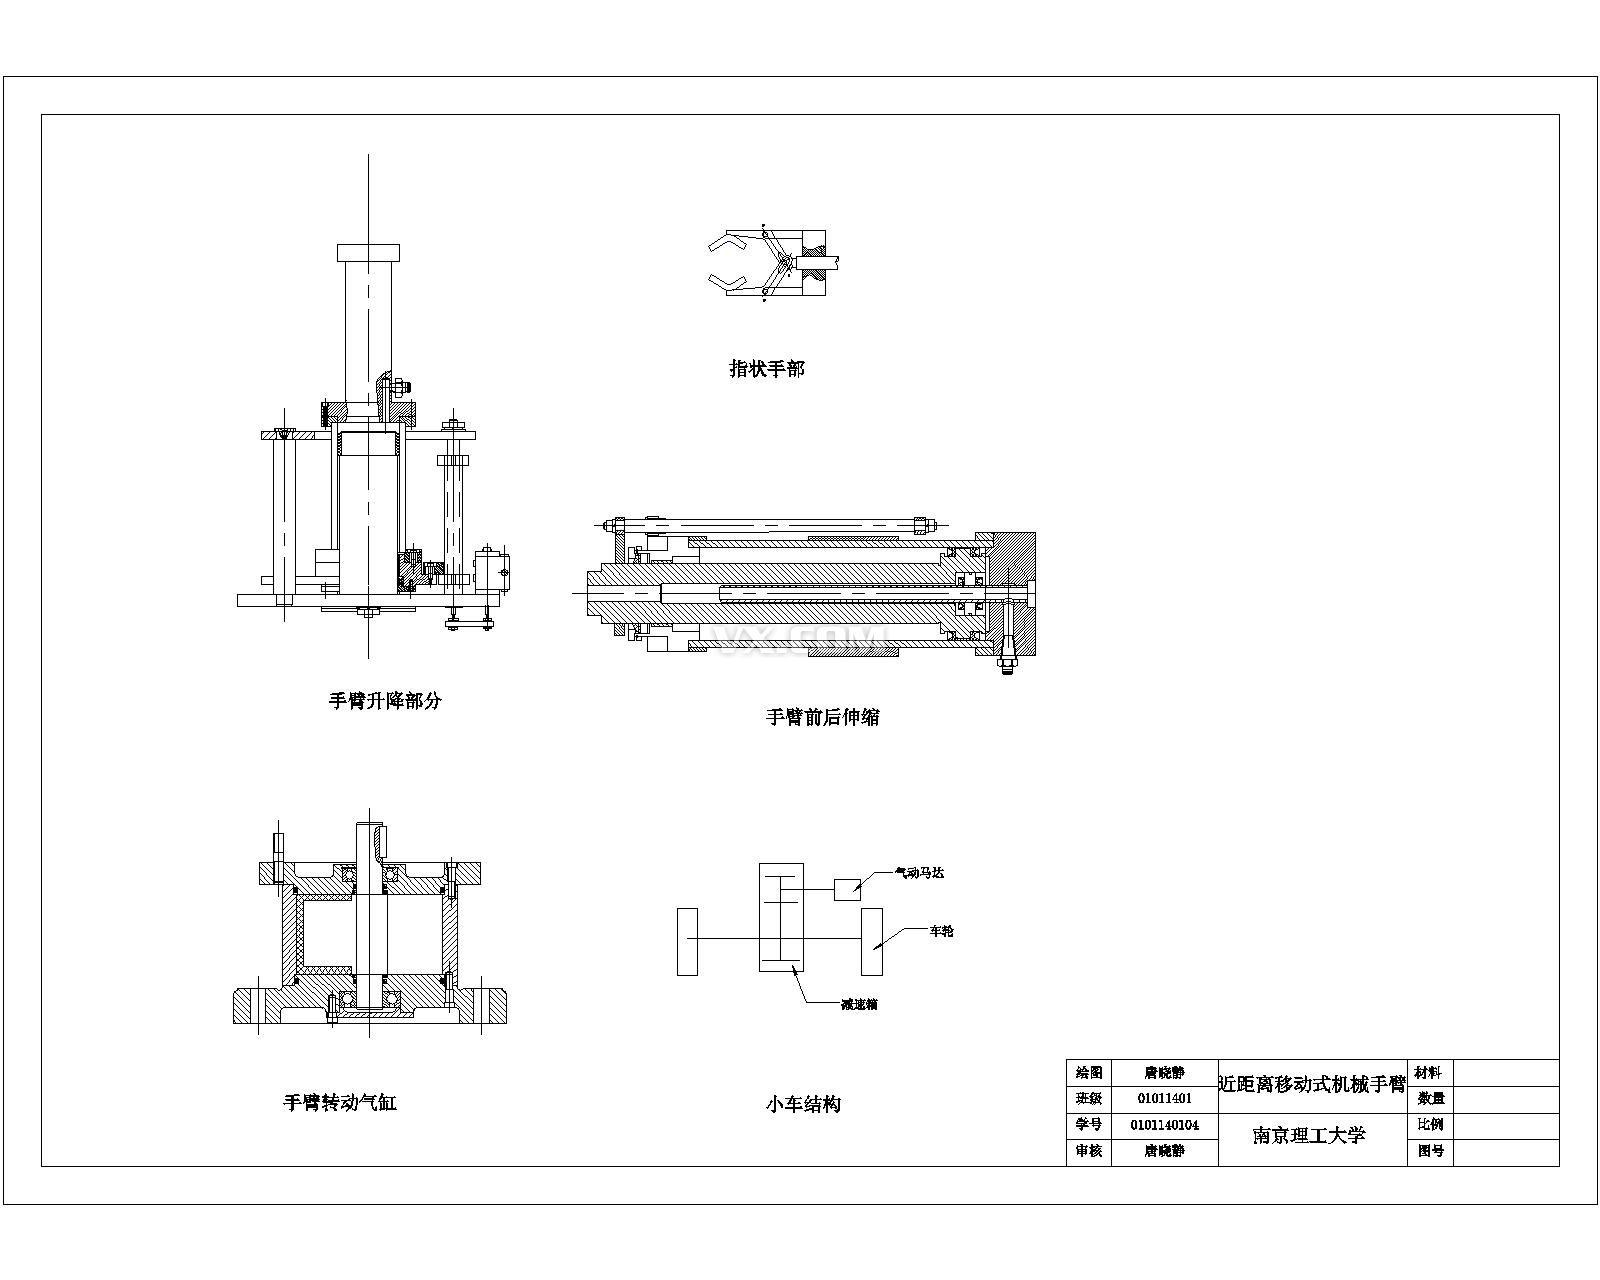 (全套含cad图)设计-plc控制机械手设计